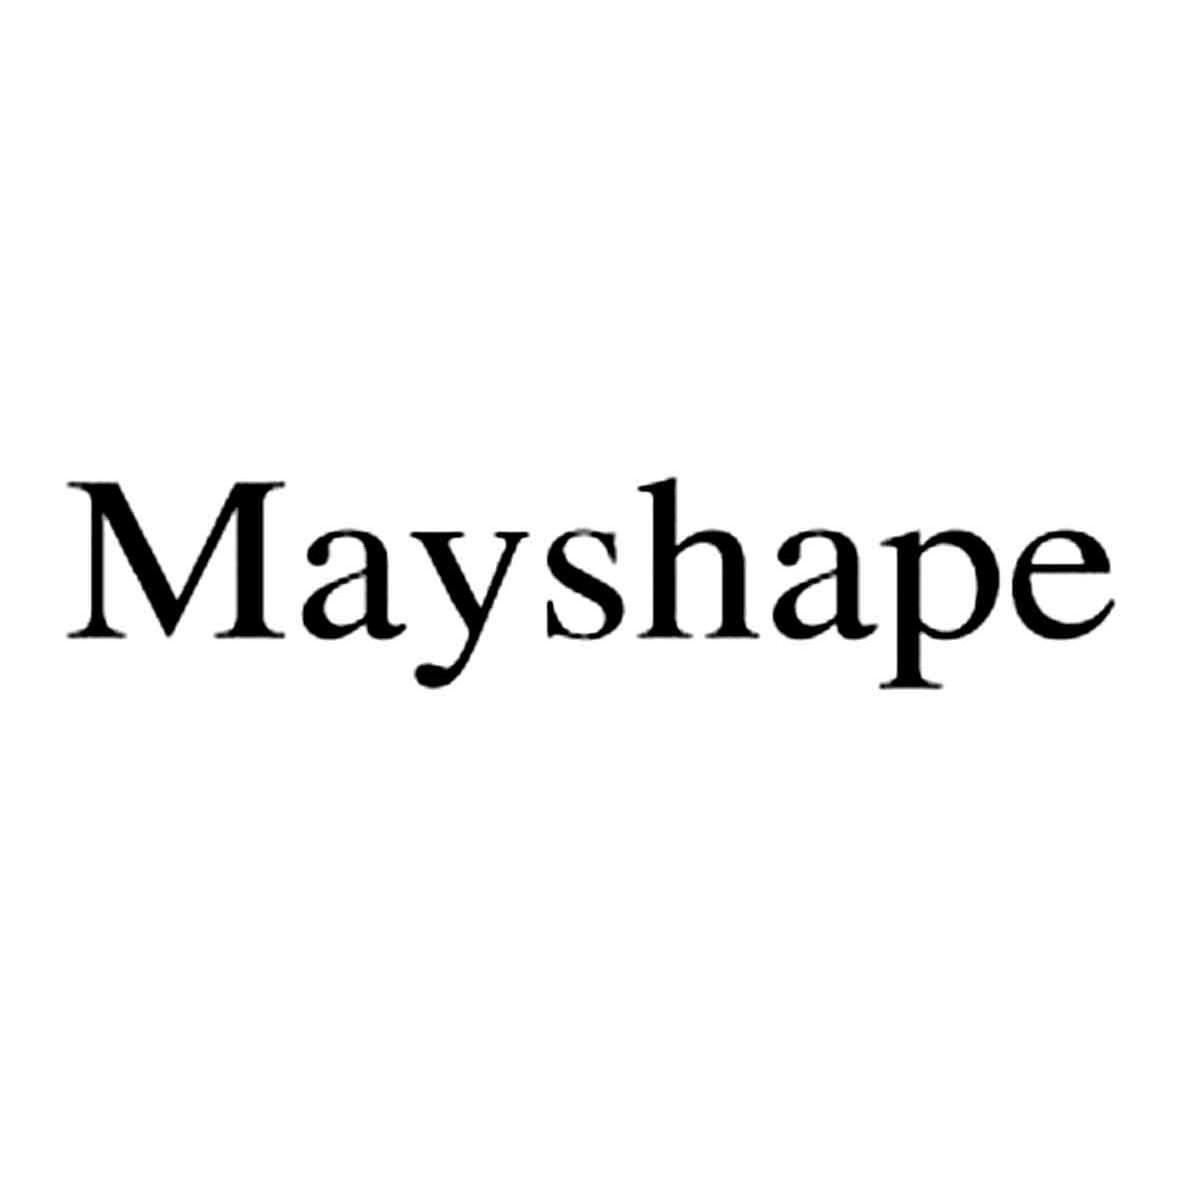 Mayshape